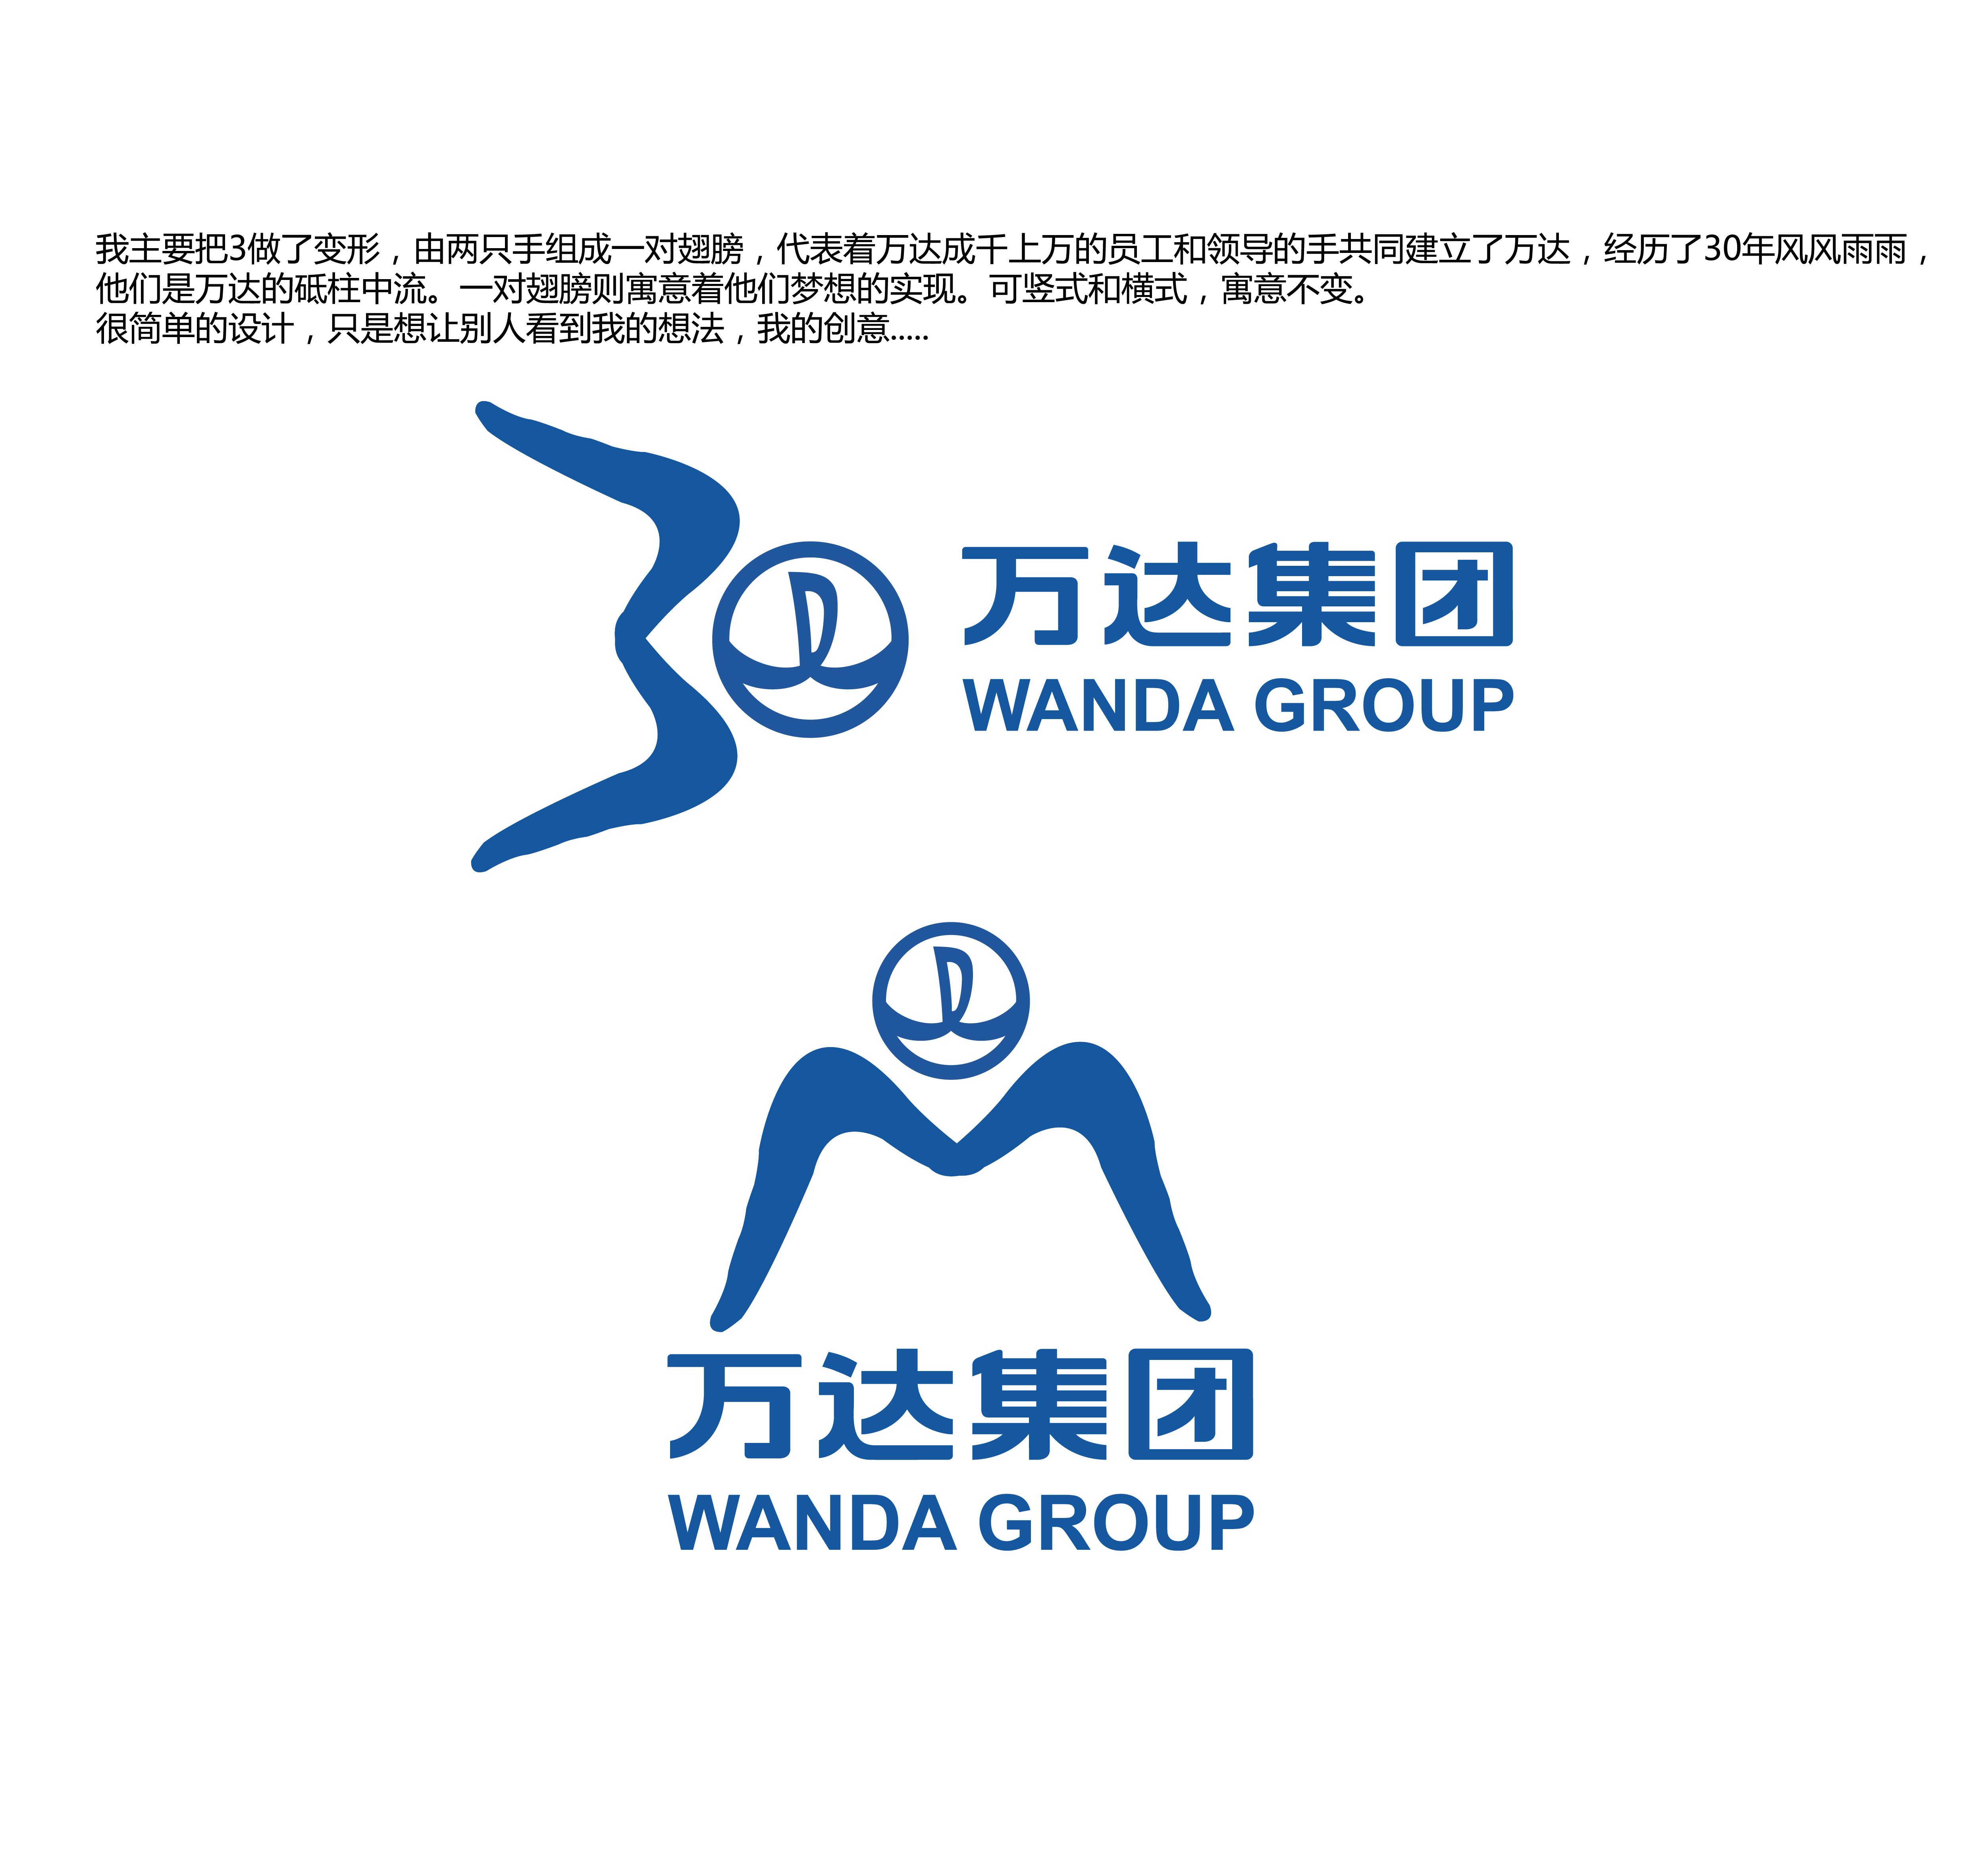 中国梦-万达梦|平面|标志|nkarter - 原创作品 - 站酷图片